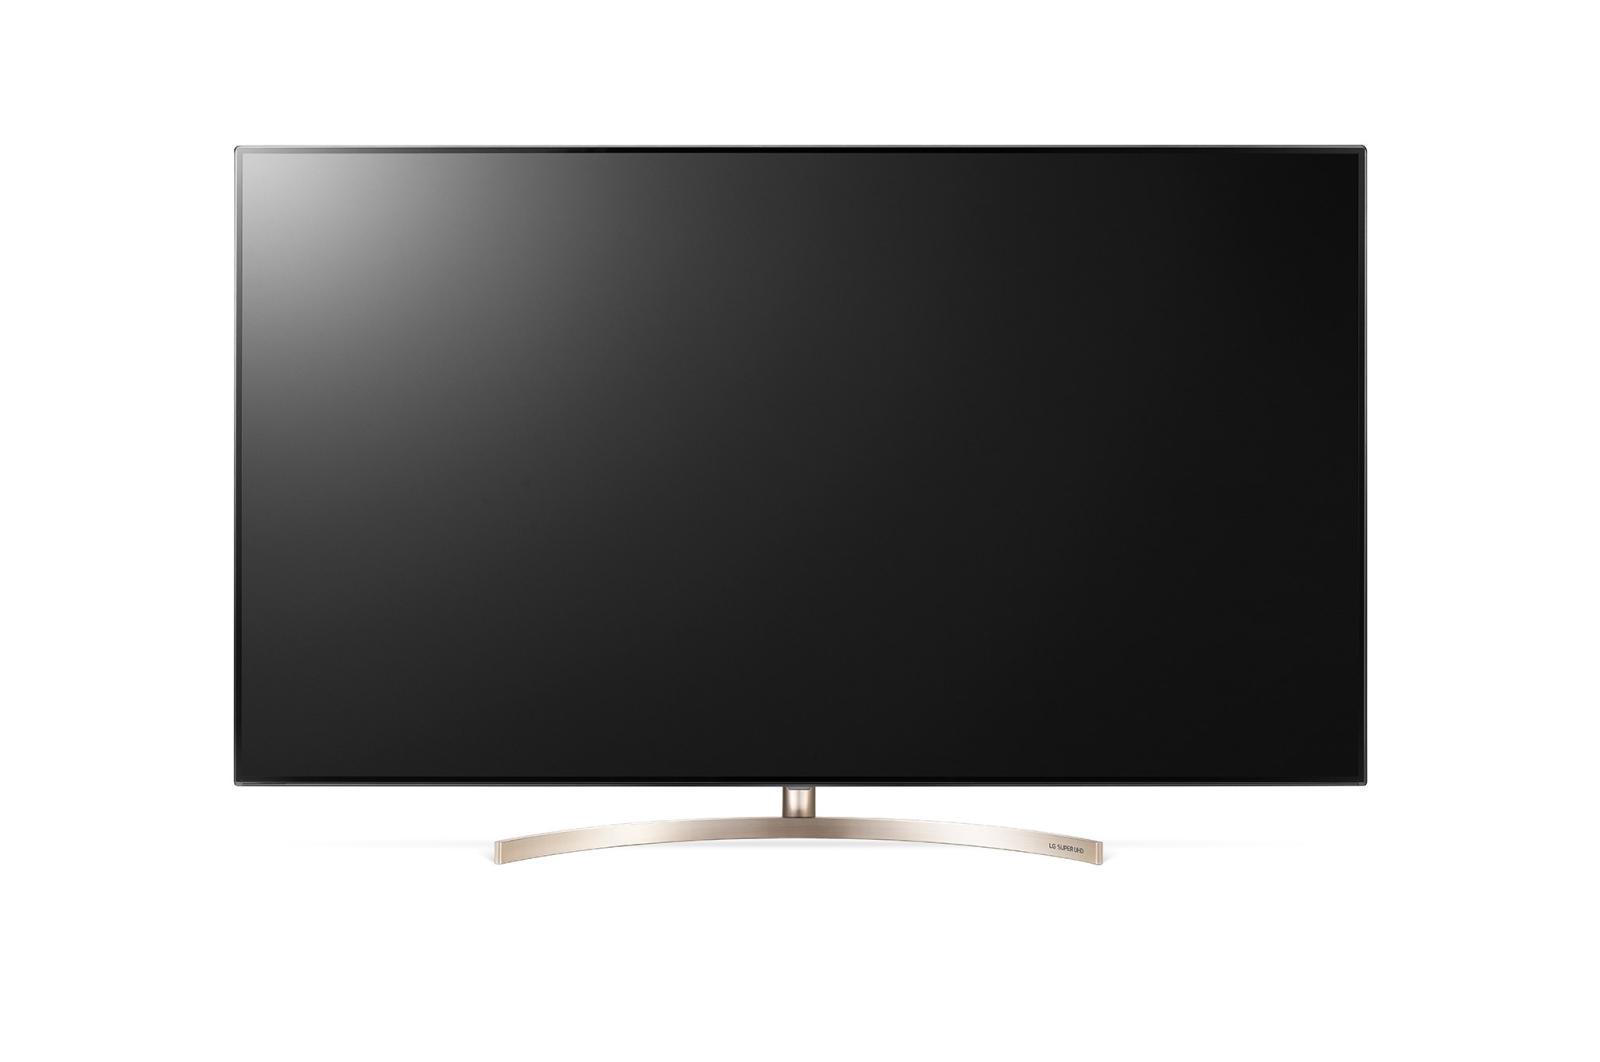 LG 55SK9500 4K AI HDR